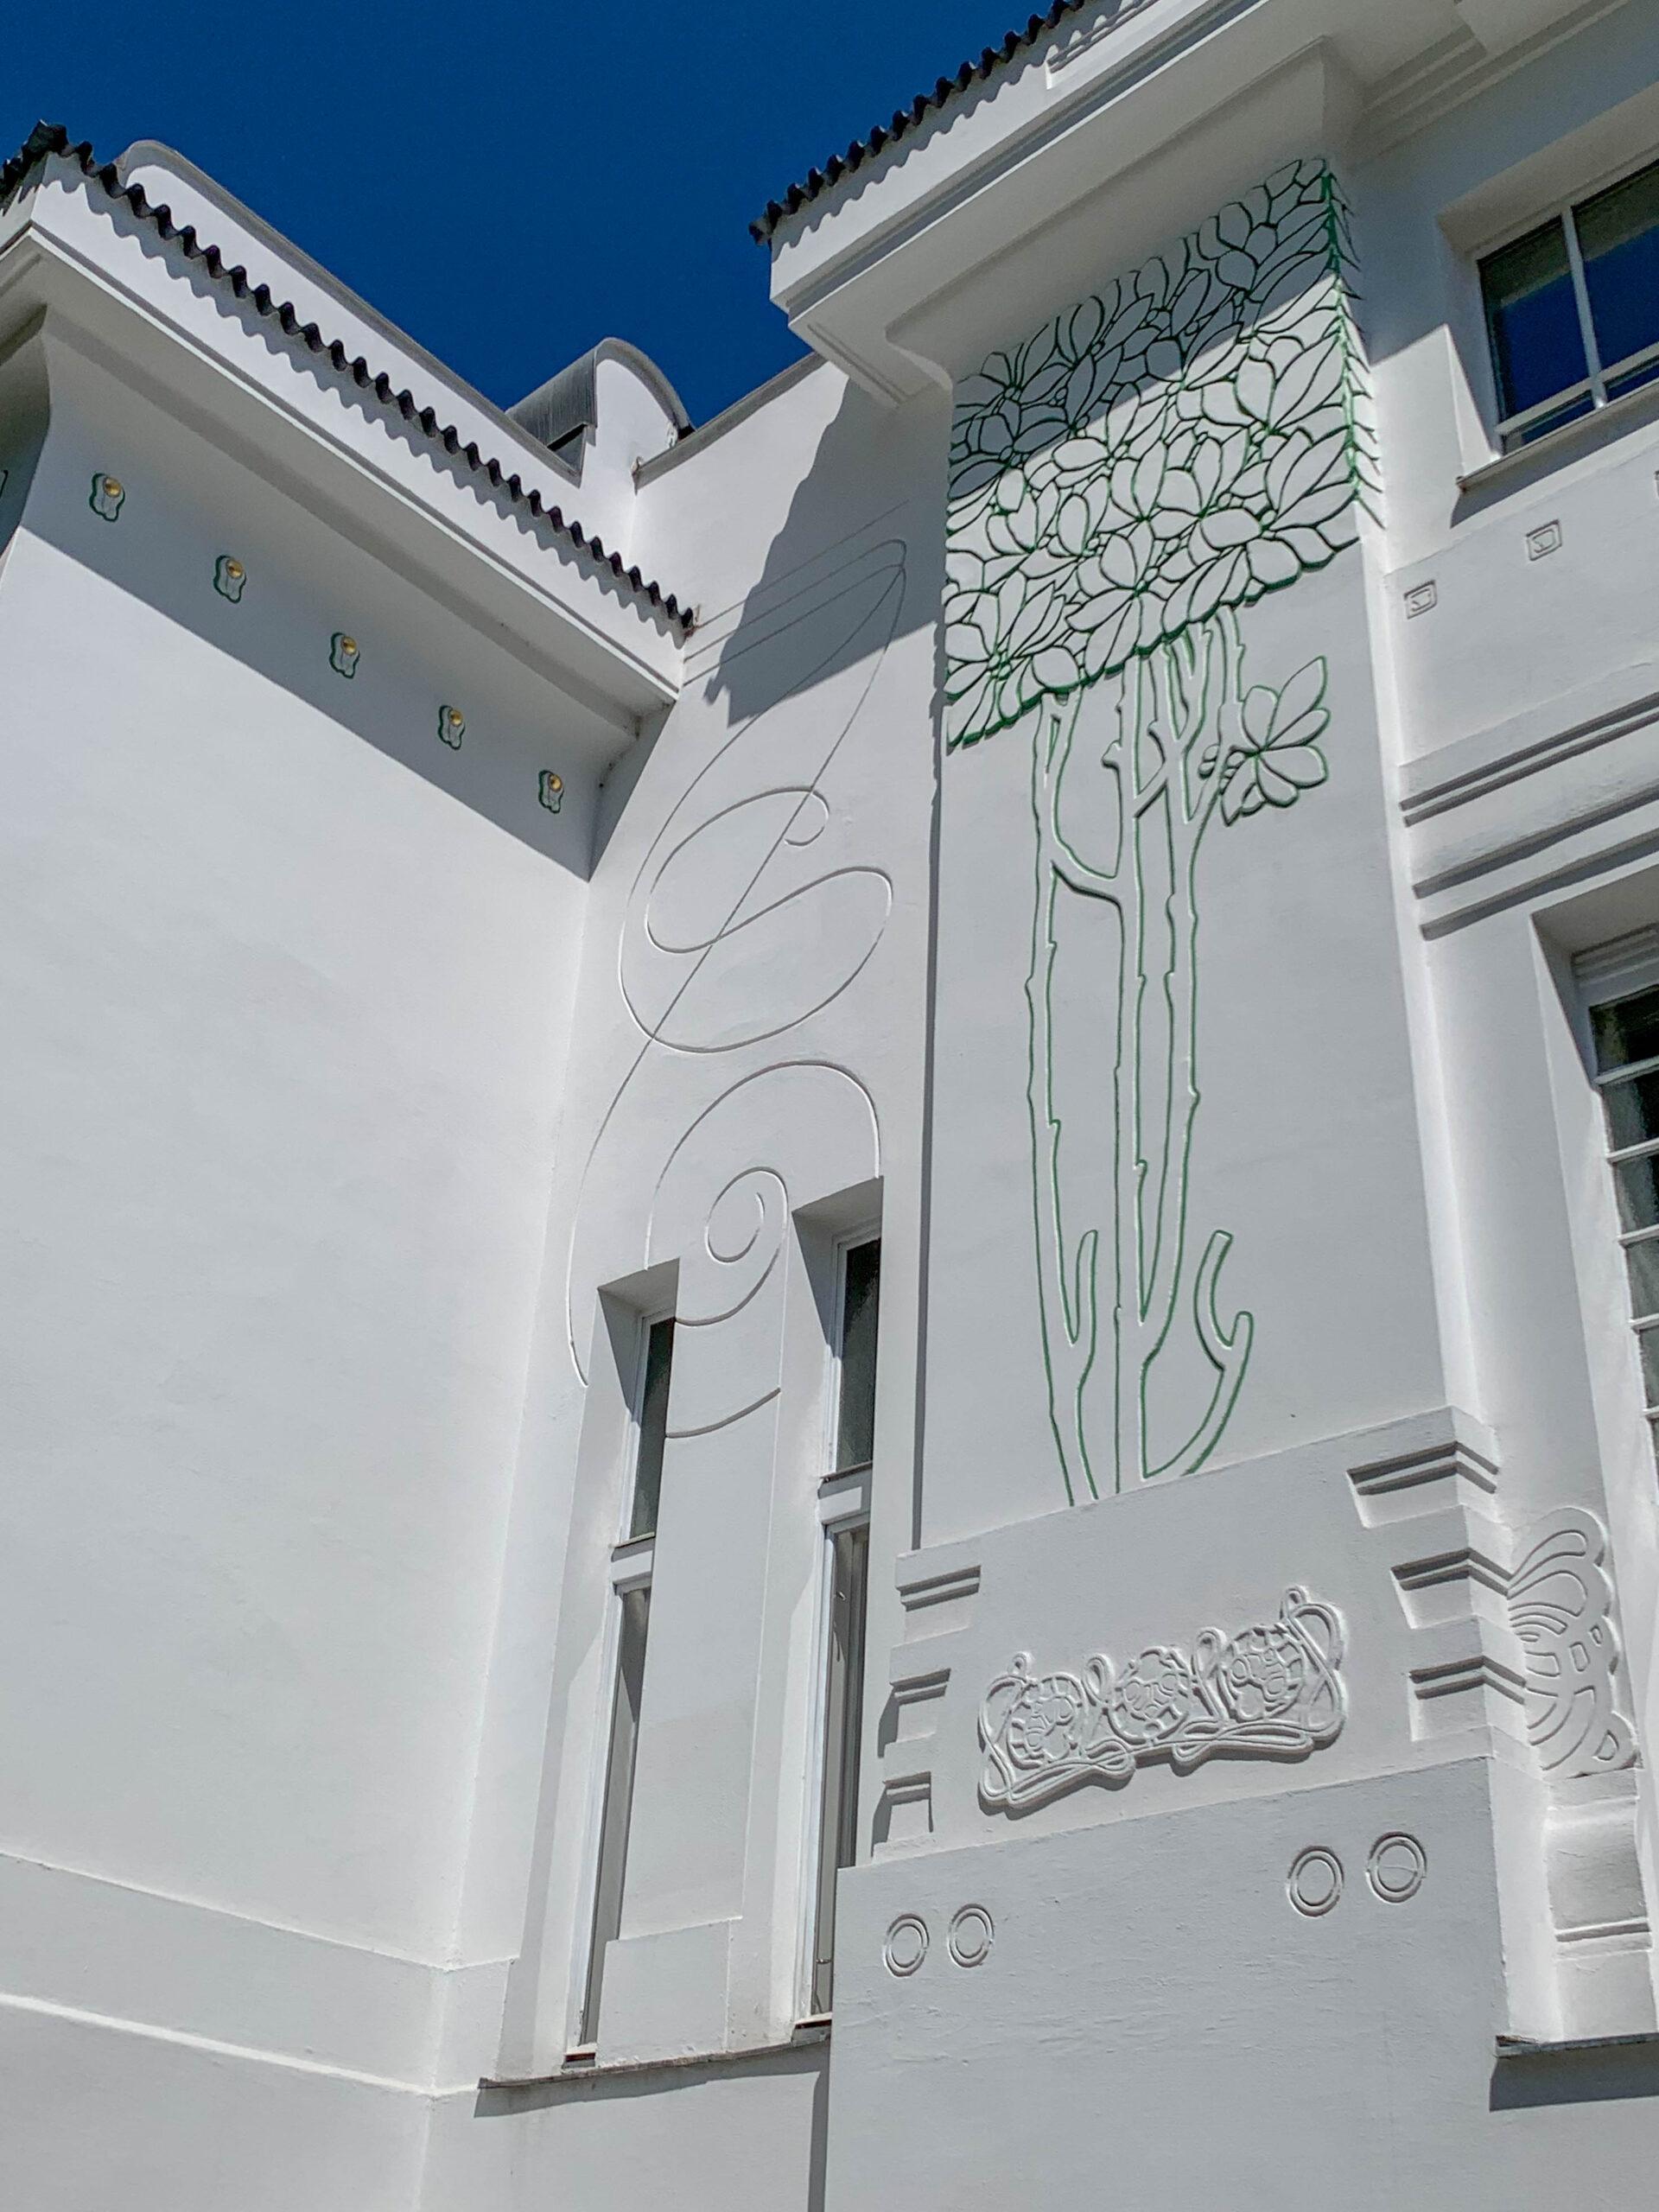 Secession Building, 1897-1898. Architect: Joseph Maria Olbrich